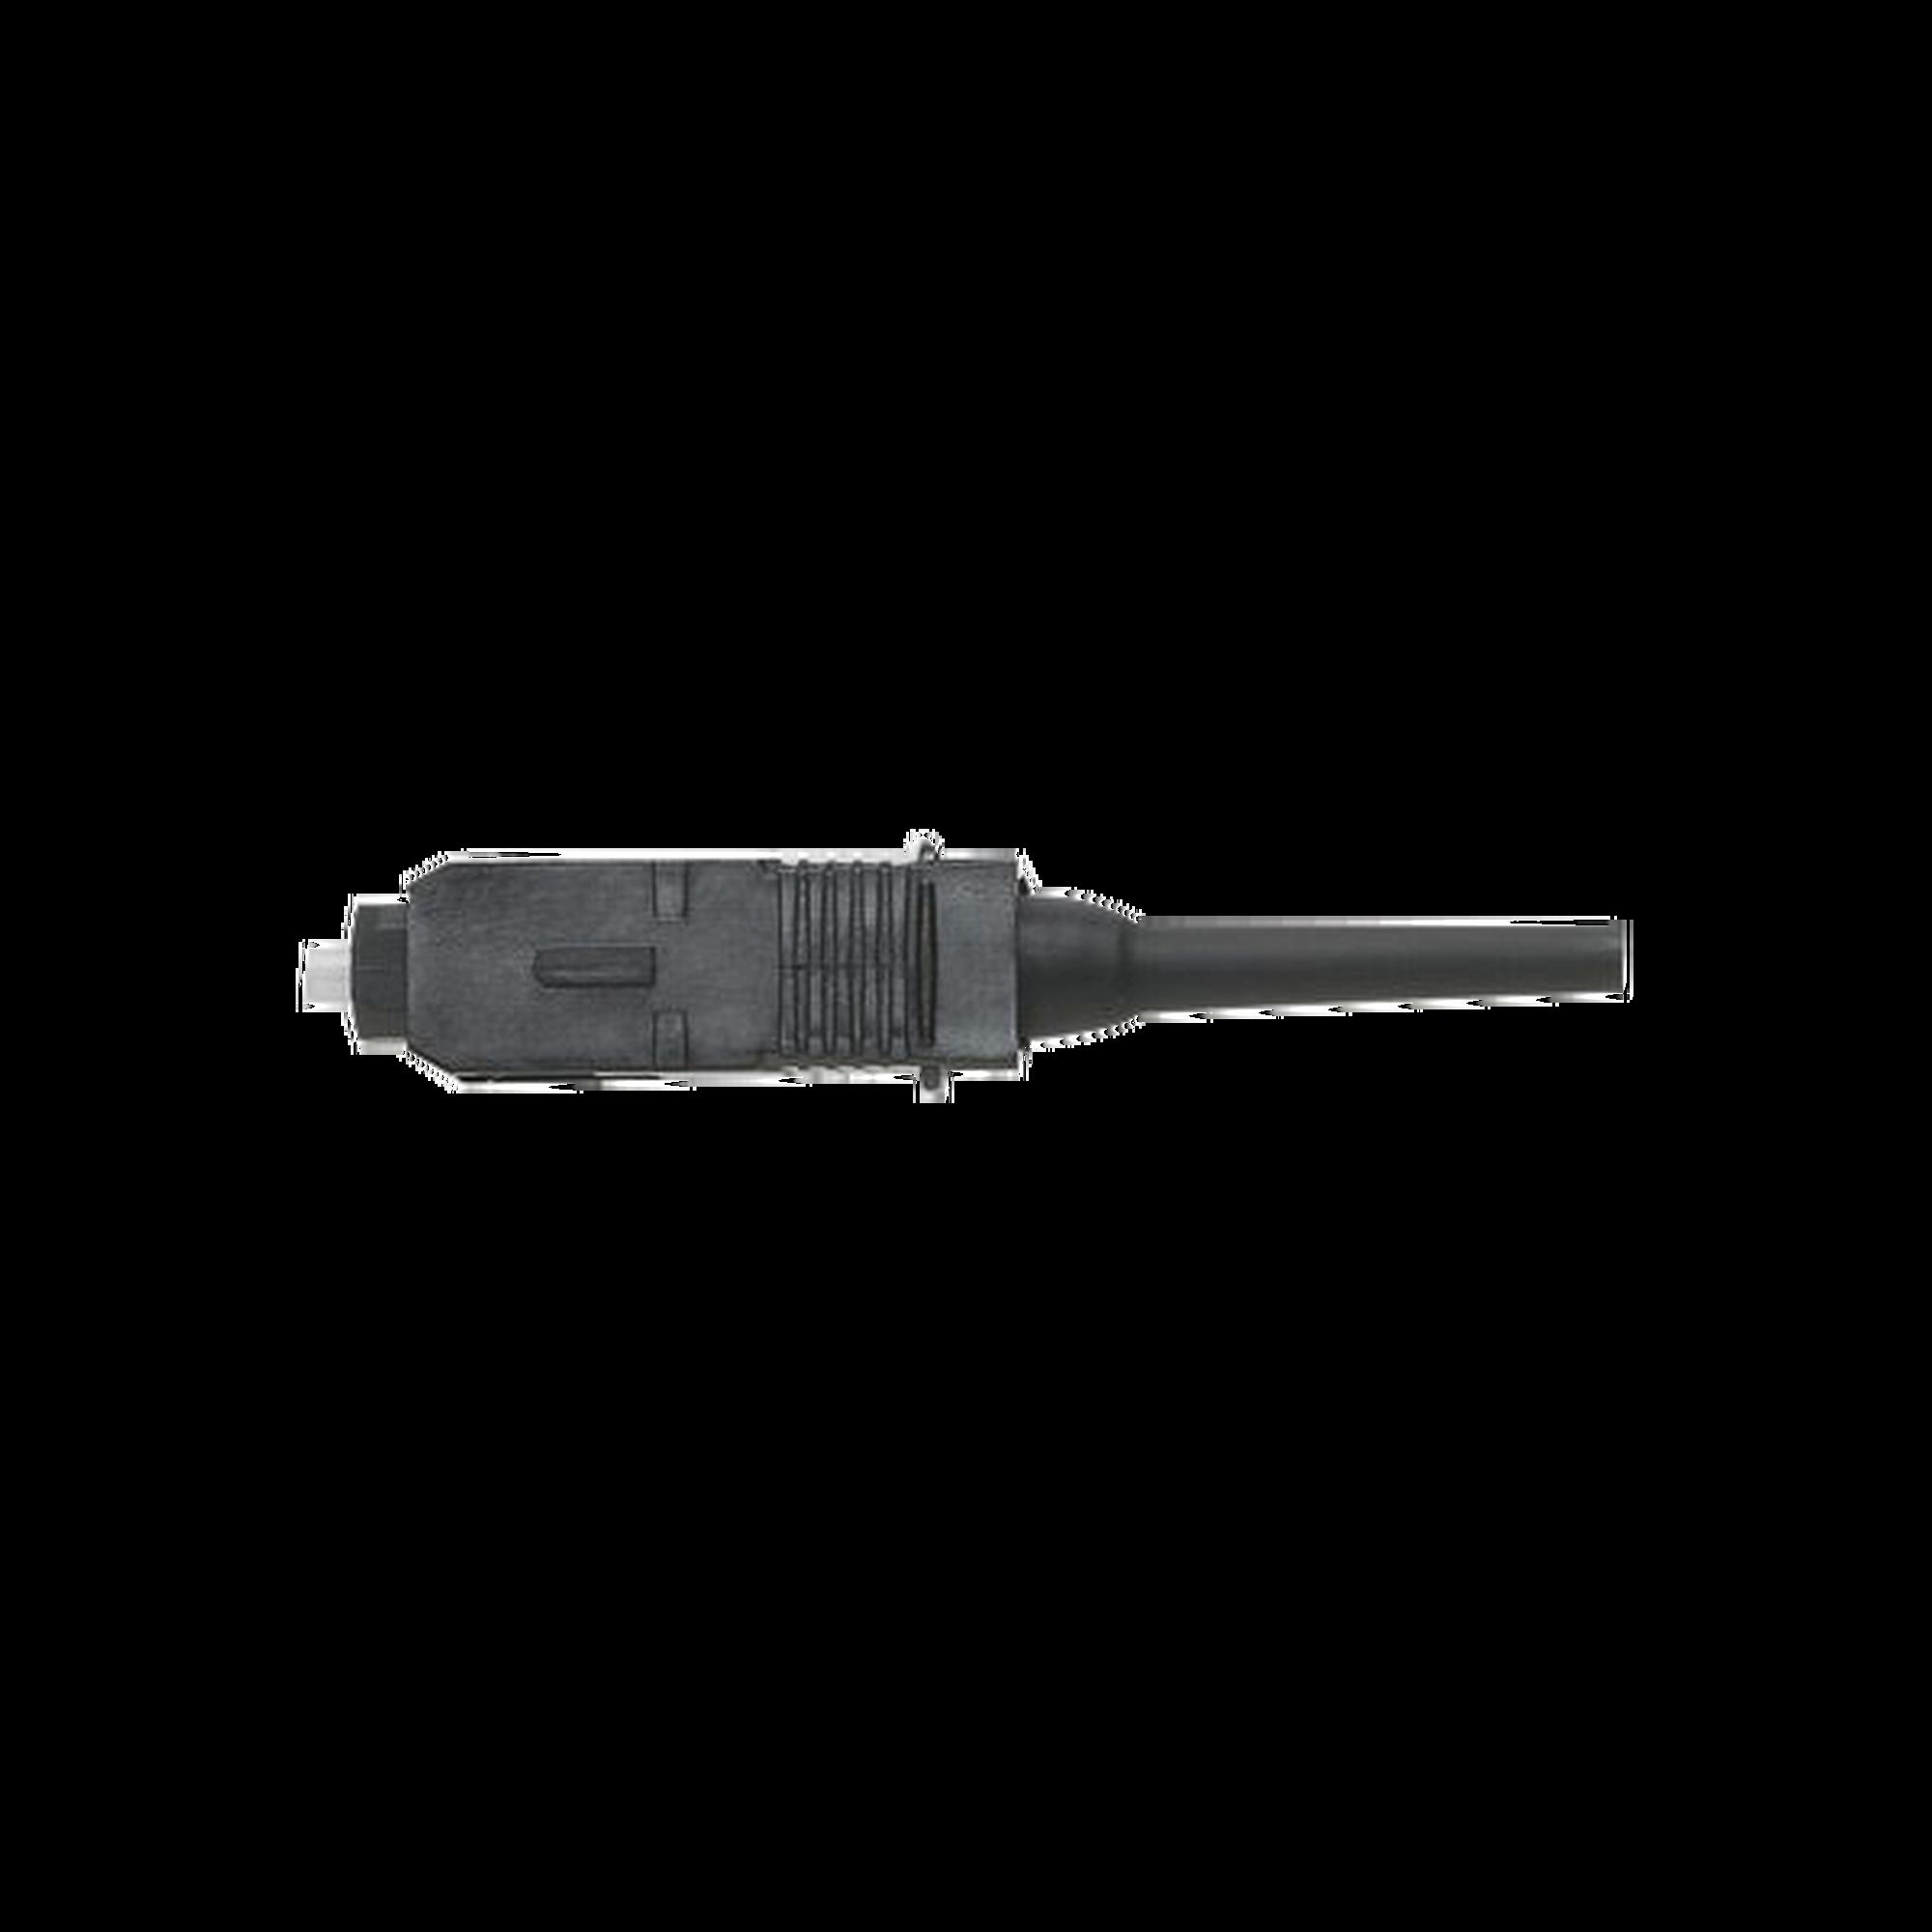 Conector de Fibra Óptica pre-pulido OptiCam SC Simplex, Multimodo 50/125 OM2, Color Negro